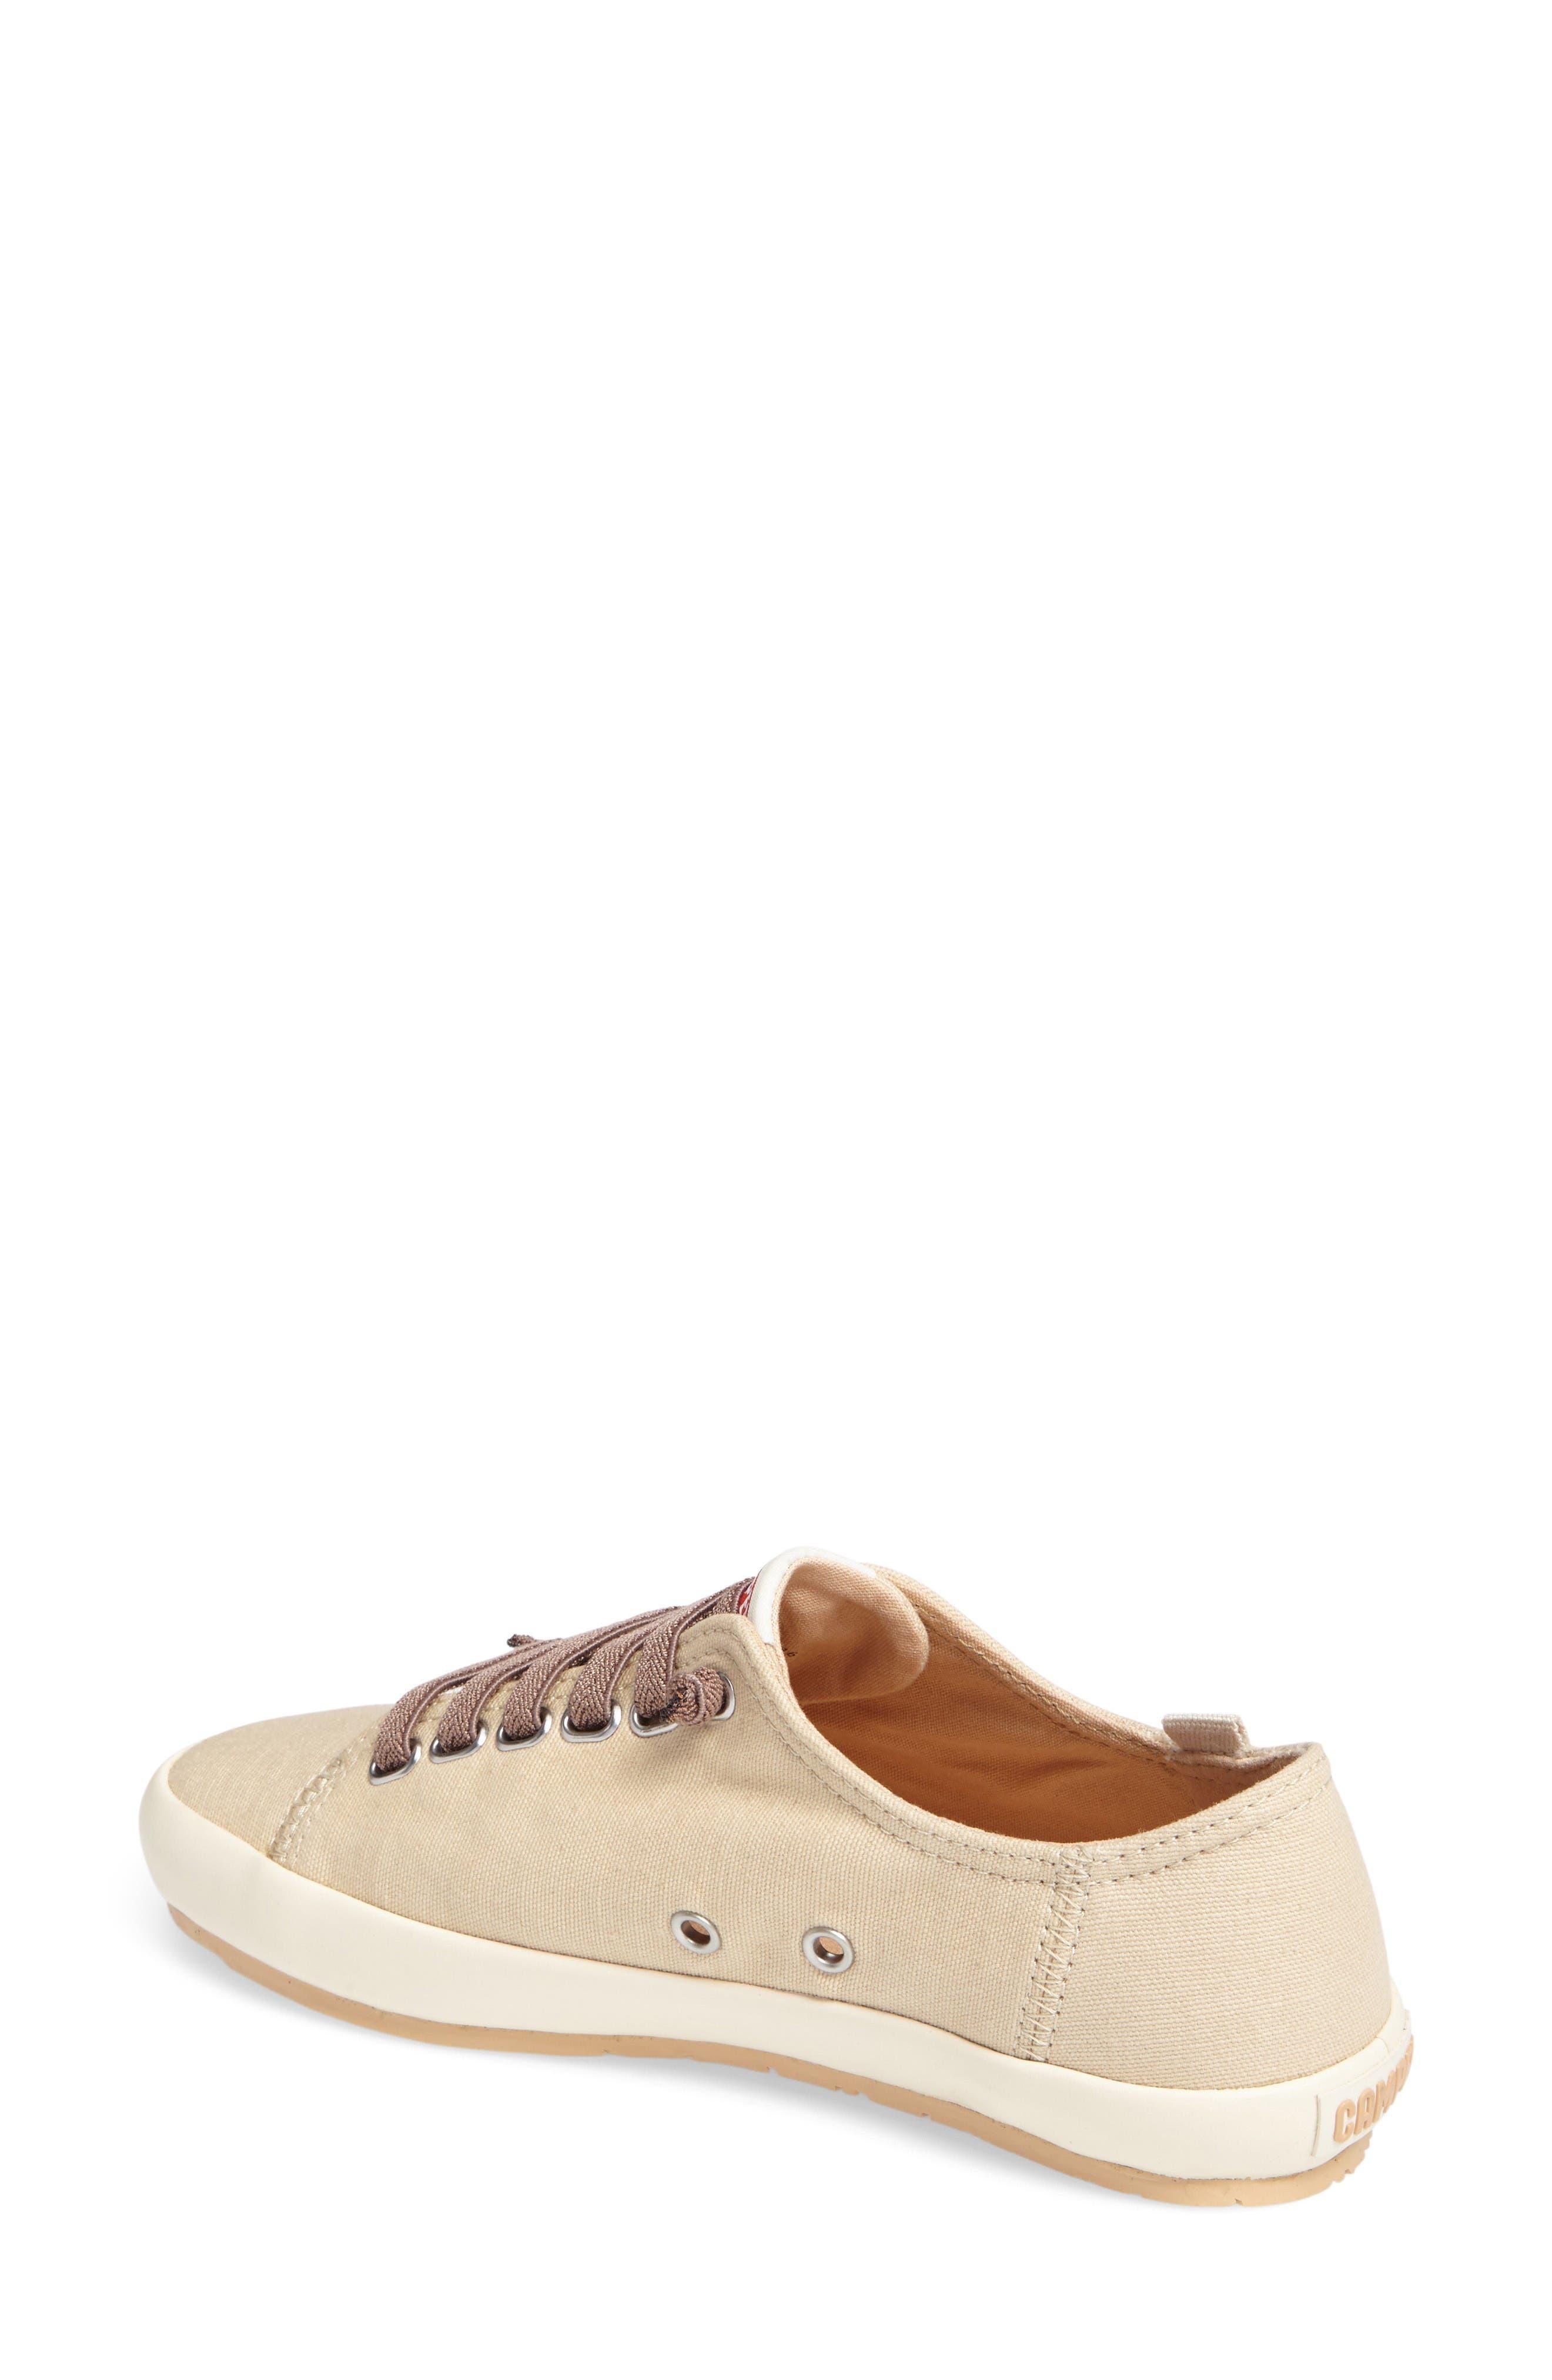 Alternate Image 2  - Camper Borne Slip-On Sneaker (Women)